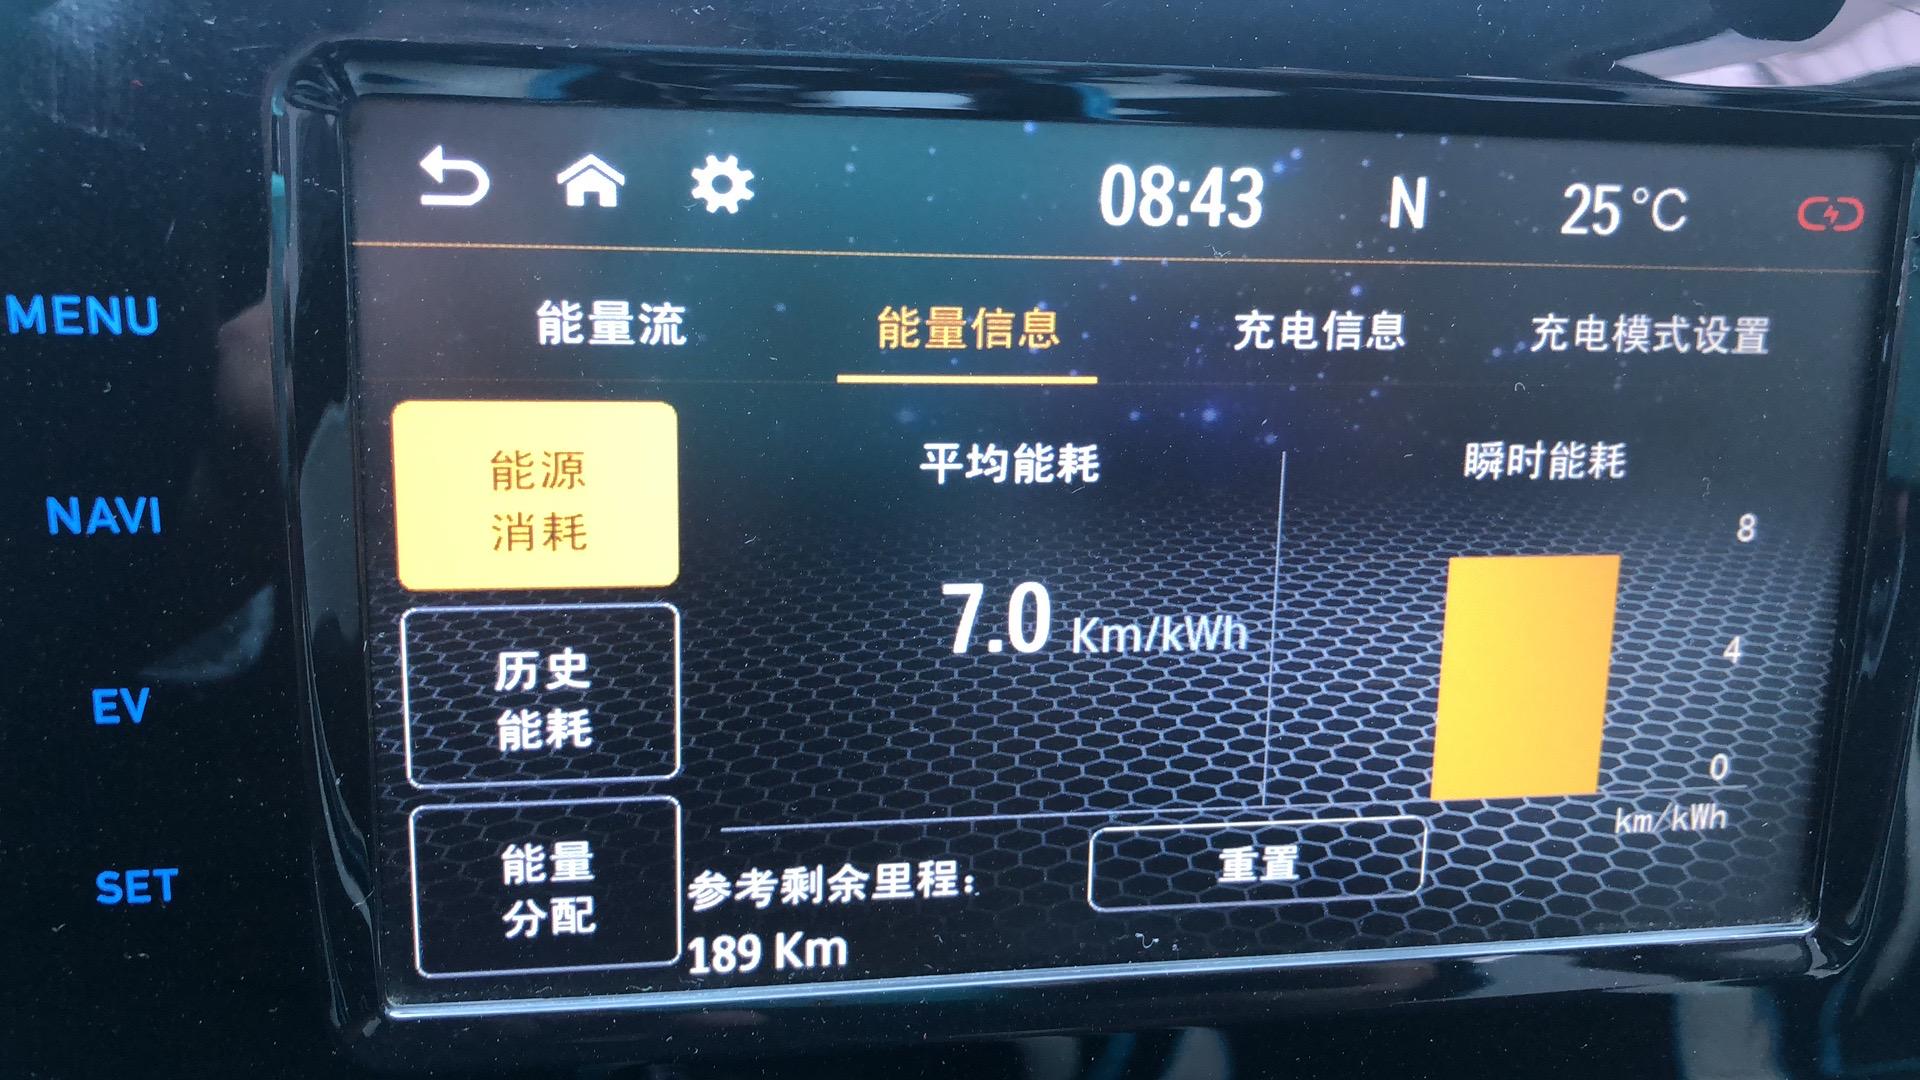 江淮汽车iEV更换动力电池后频繁亮电池故障灯,且车辆续航大大降低